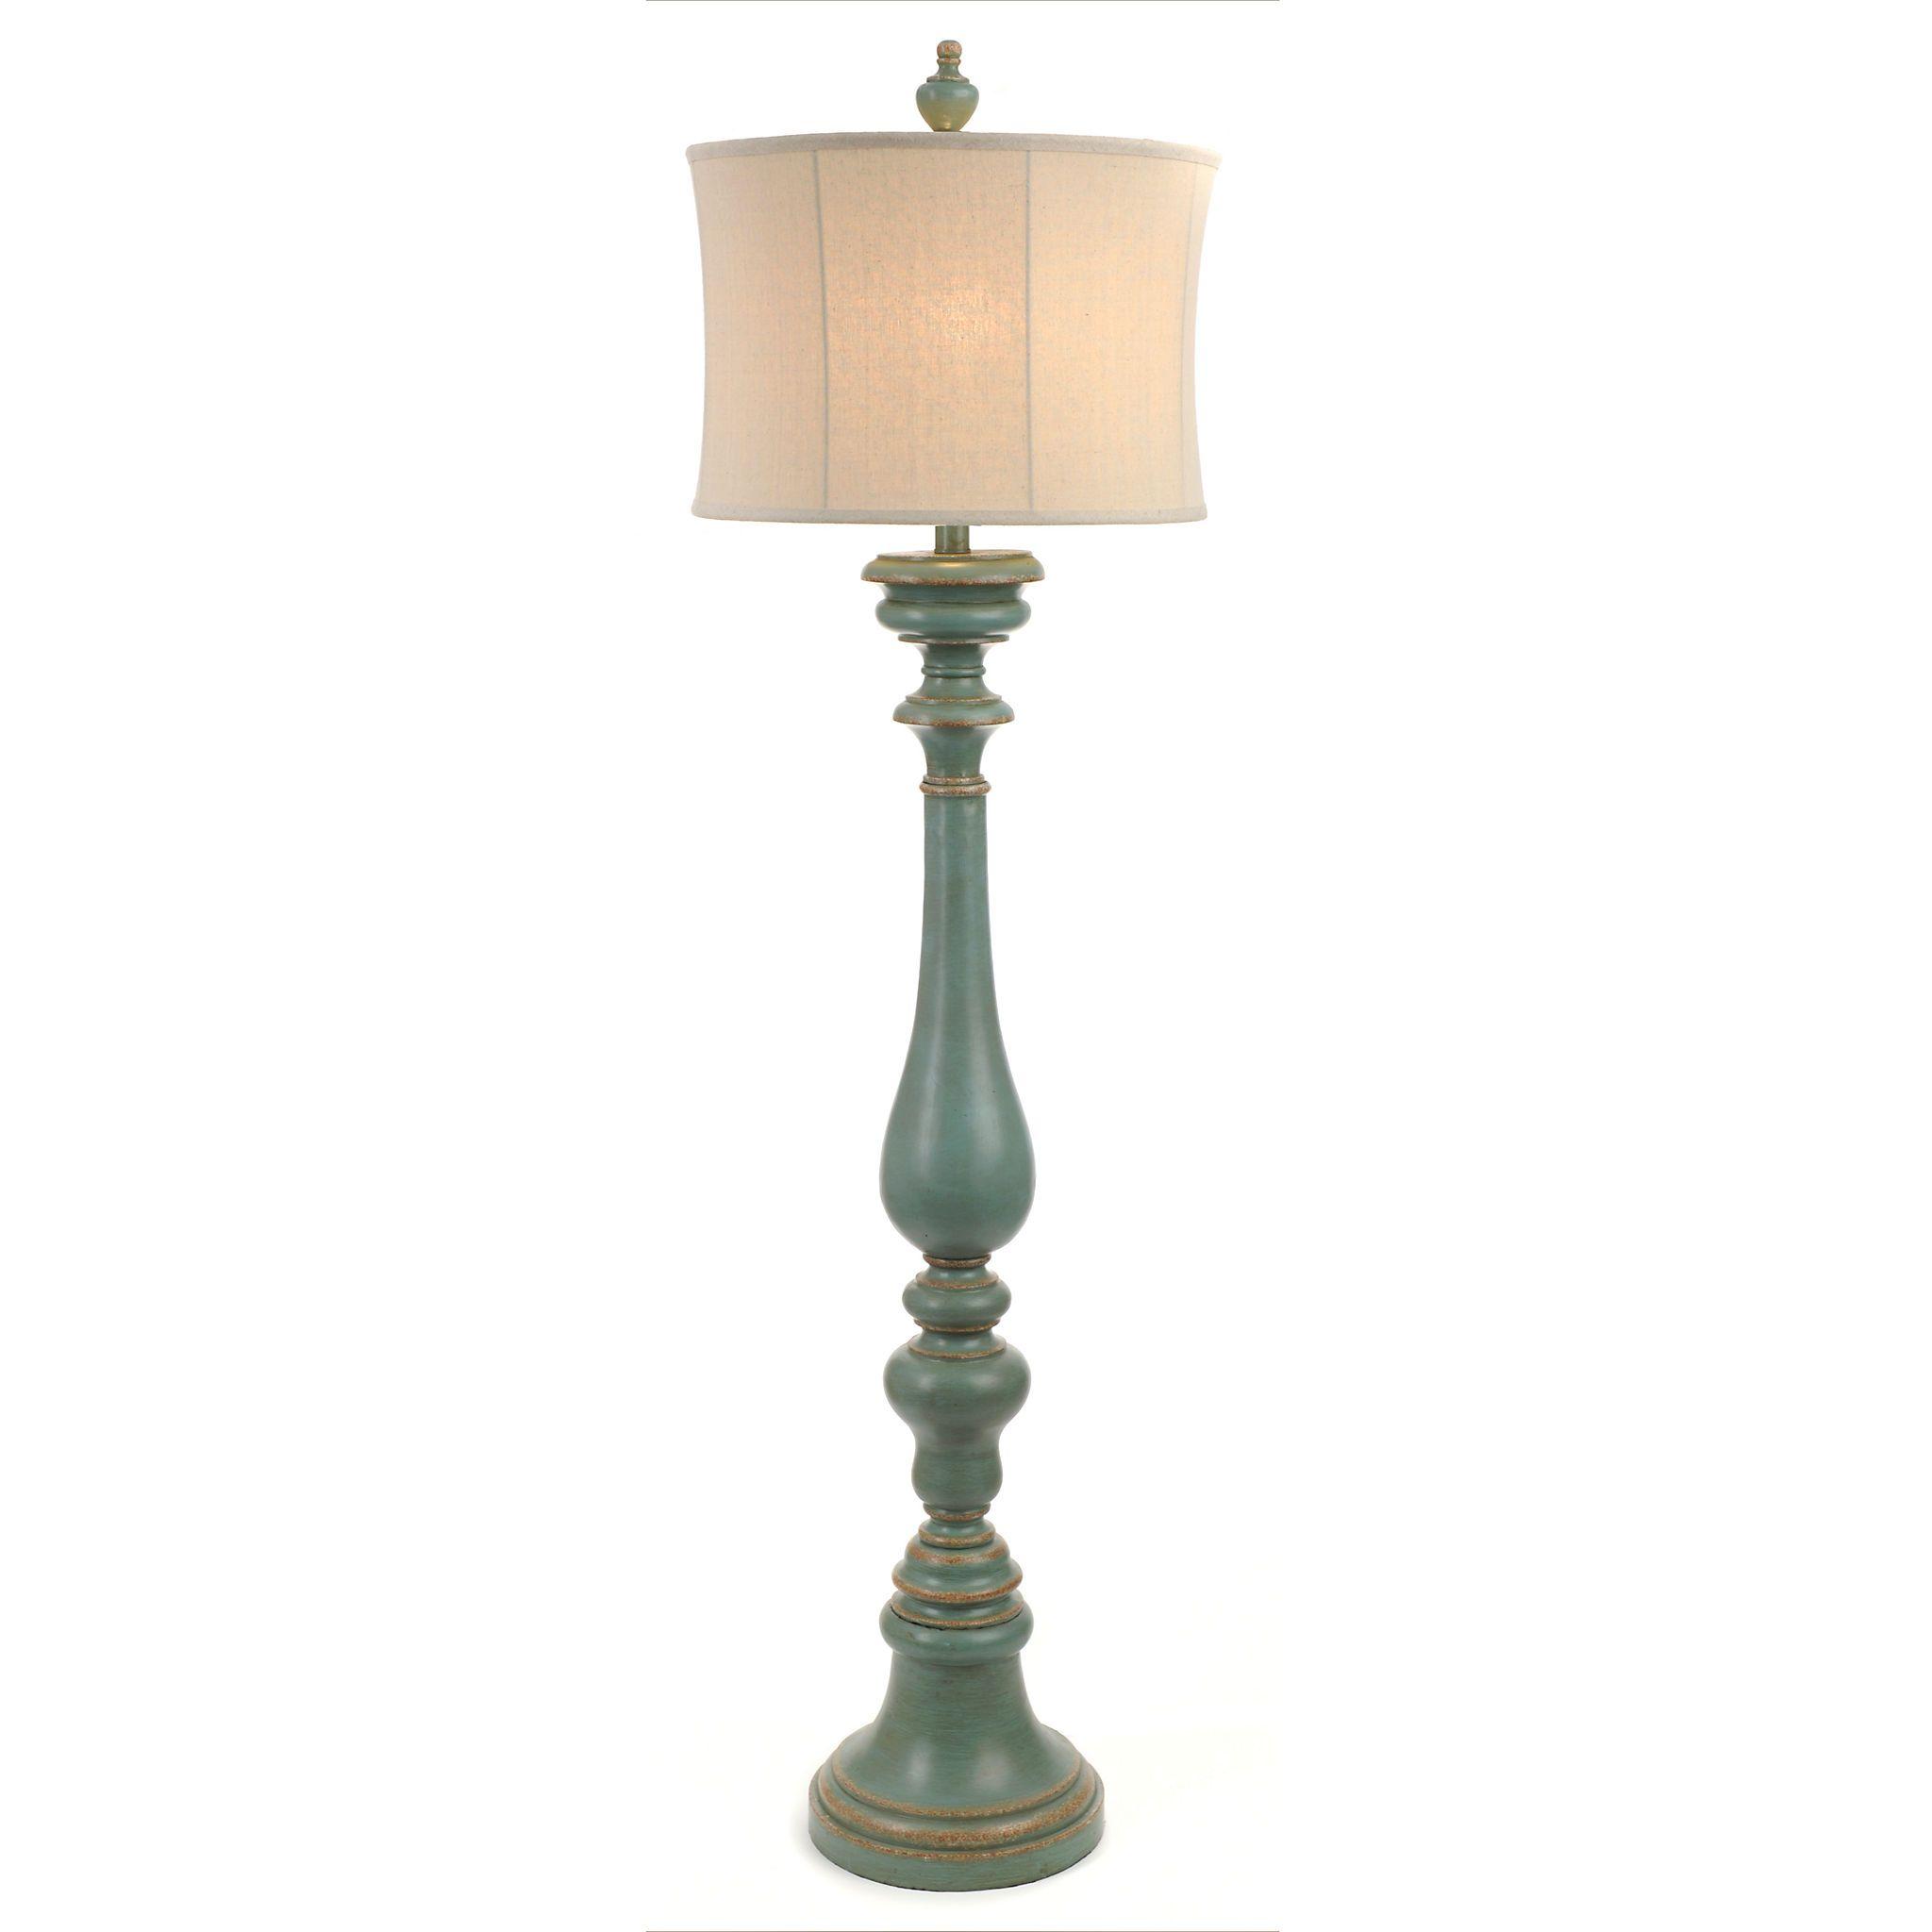 Burks Turquoise Floor Lamp Floor lamp, Coastal